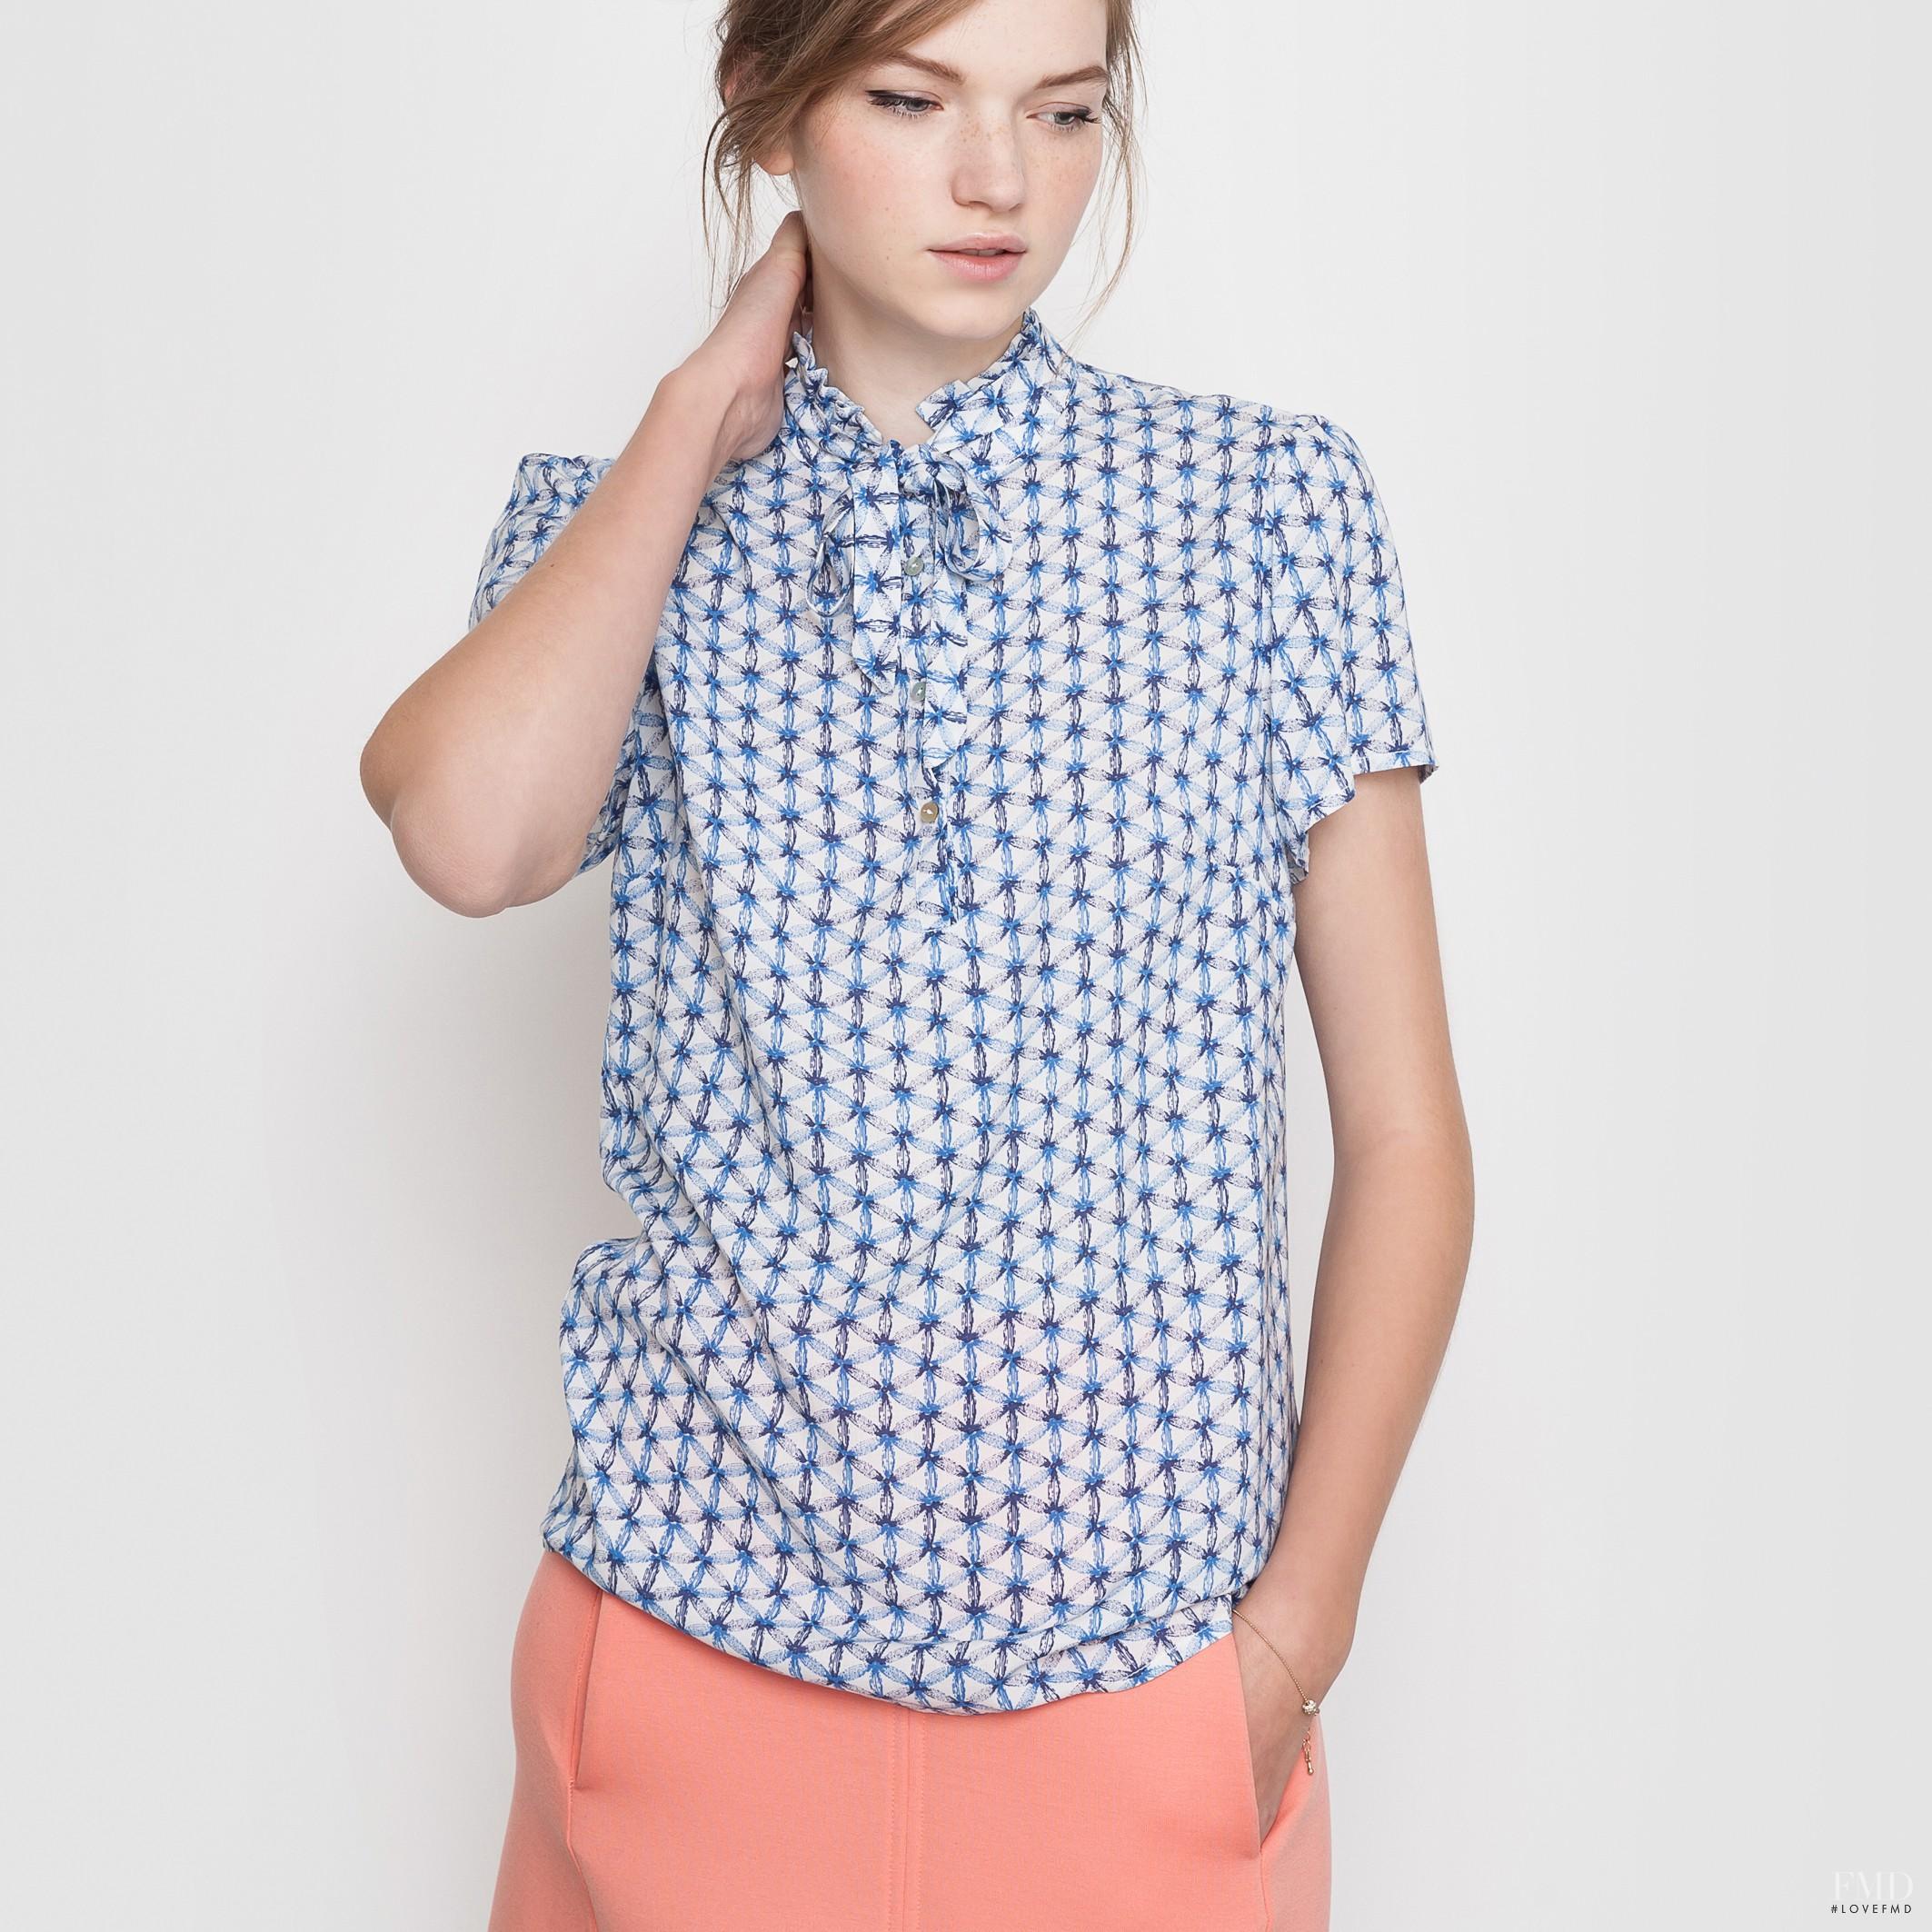 Купить женскую блузку спб